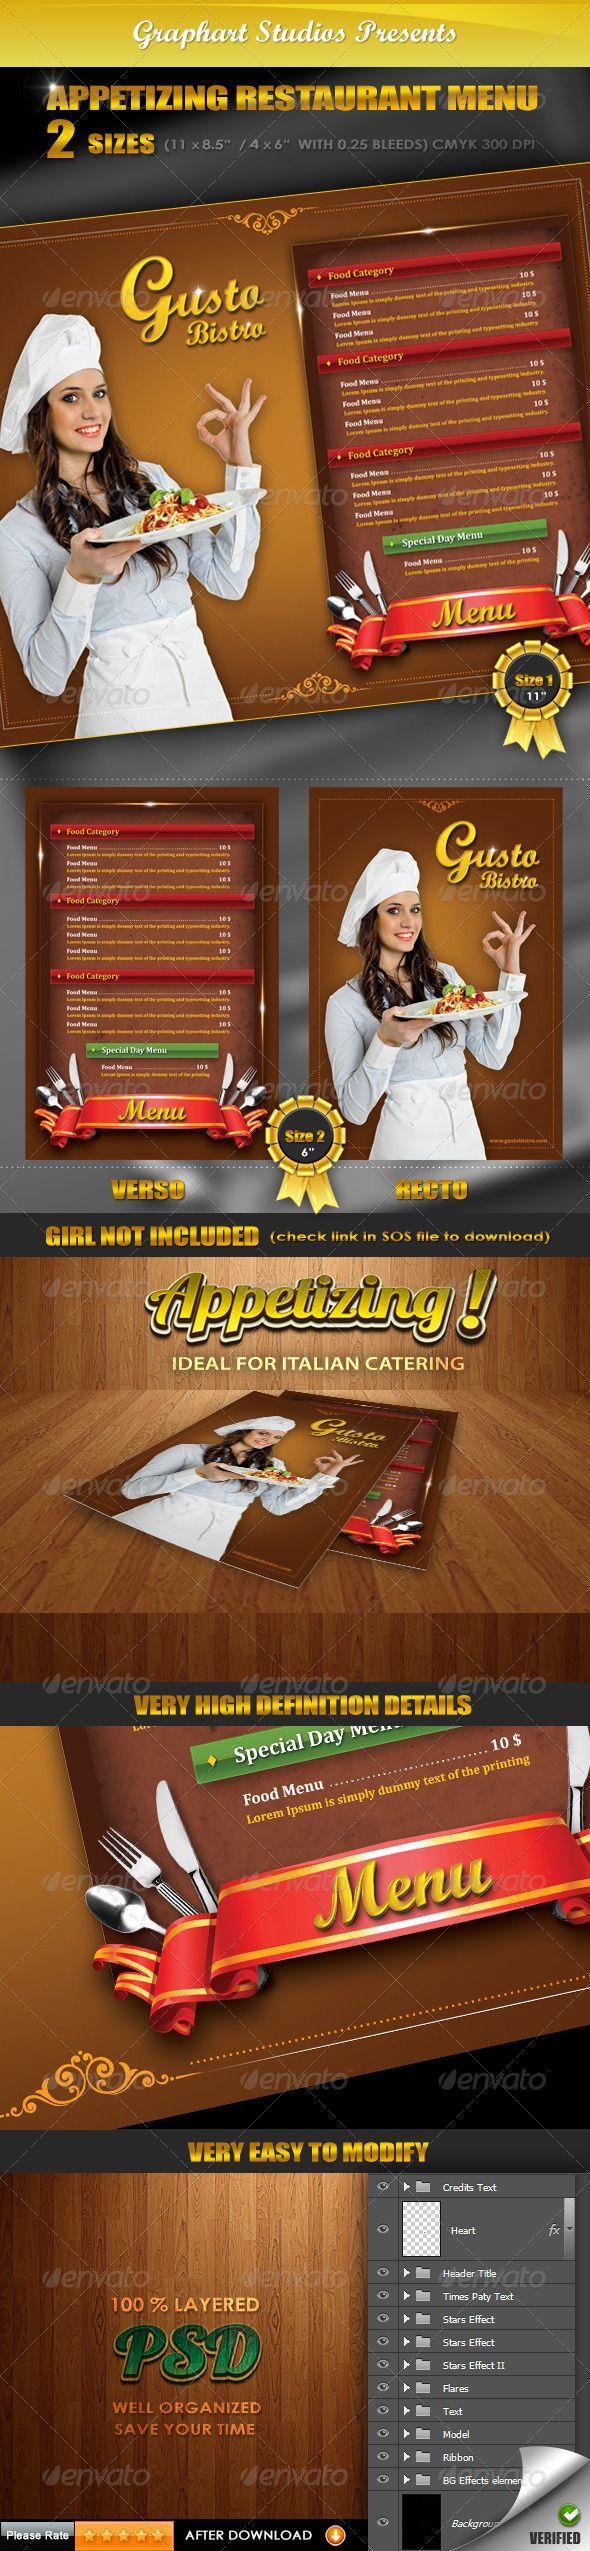 Best Menu Italian Images On   Print Templates Food